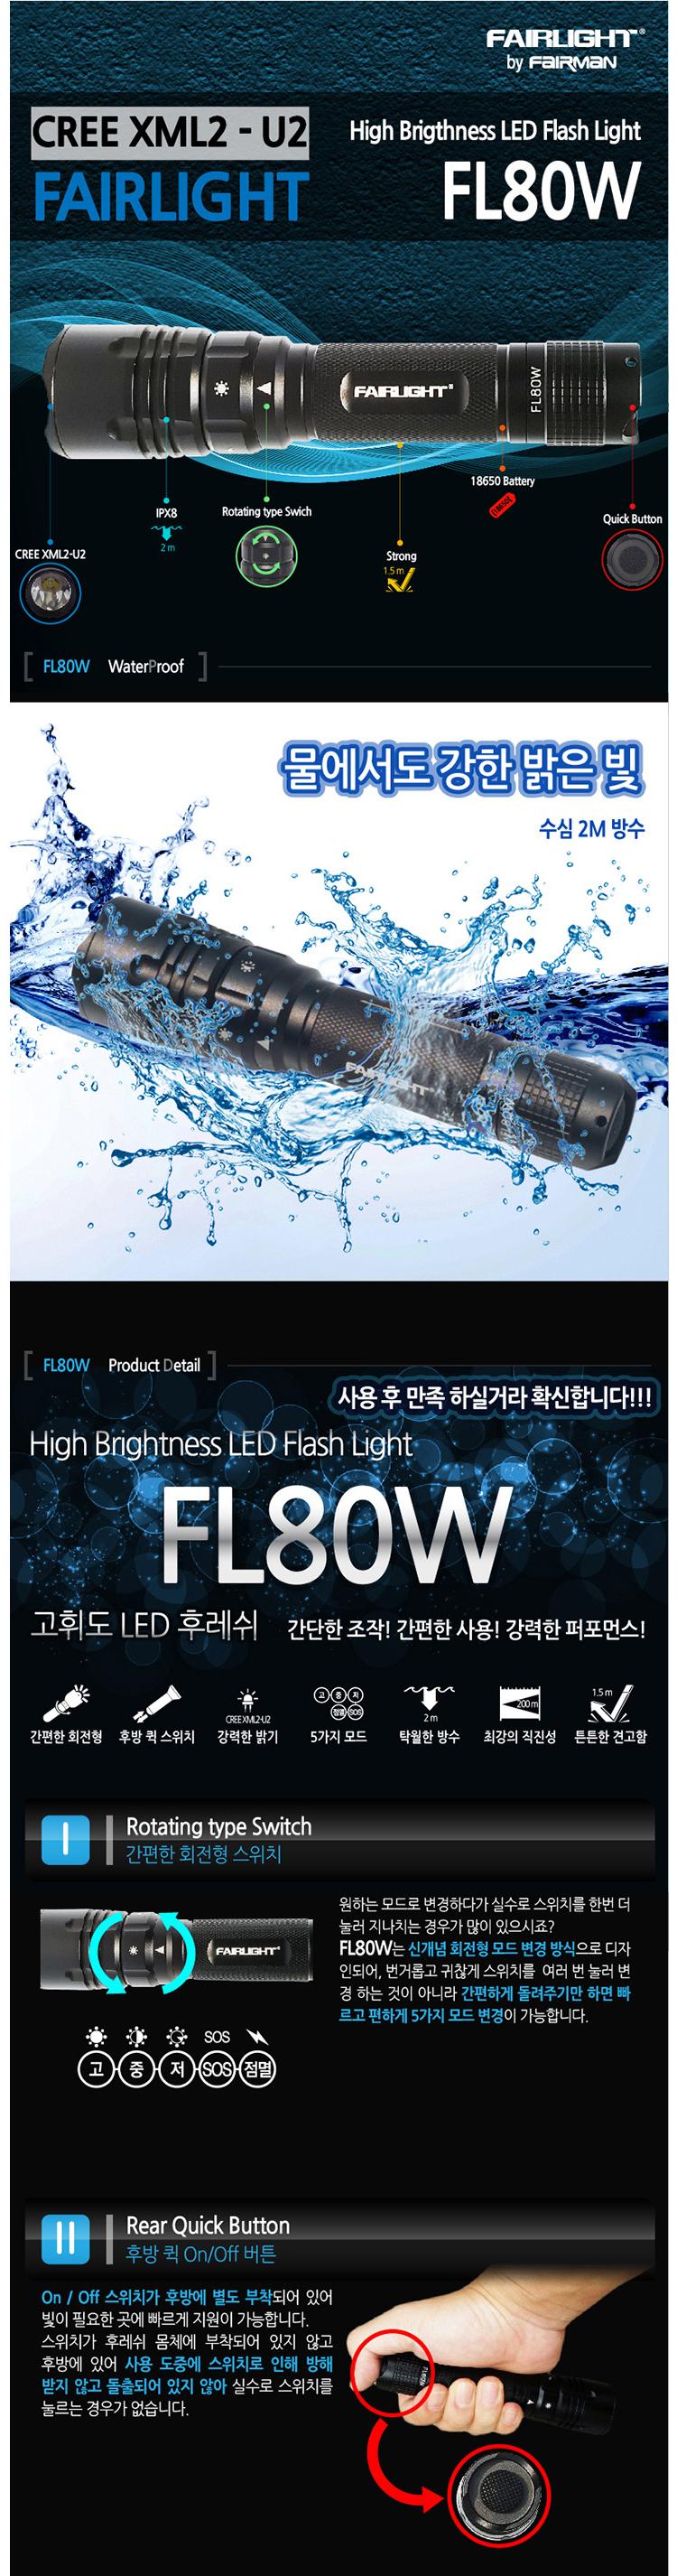 페어맨 FL80W 고급방수랜턴 (CREE L2-U2) 수심2M방수 수중후레쉬 수중랜턴 랜턴 후레쉬 손전등 수중손전등 방수랜턴 방수후레쉬